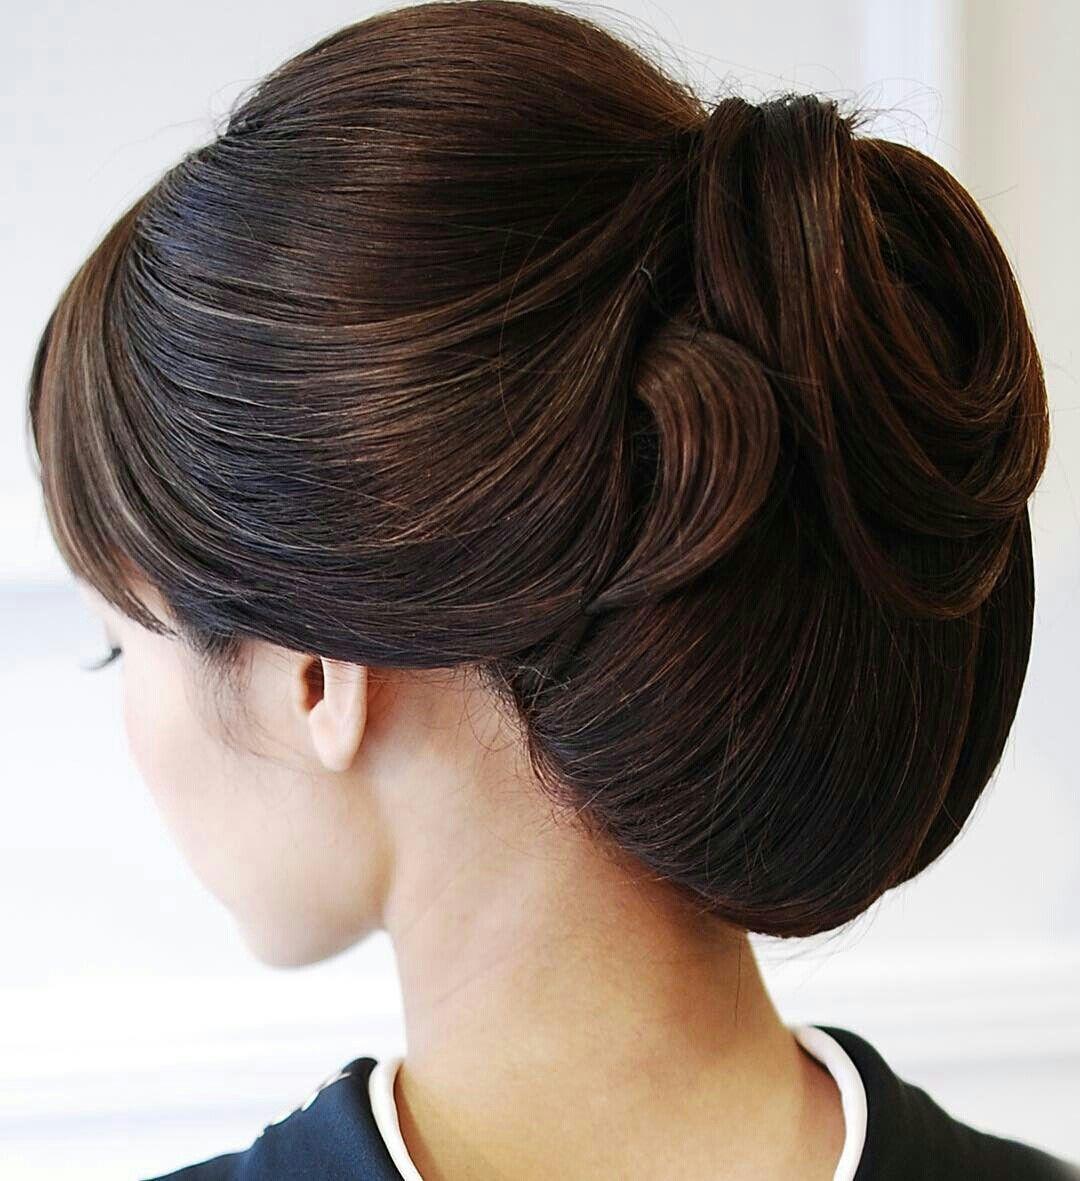 Pin by Preksha Pujara on Western Low Bun Hairstyles | Hair ...